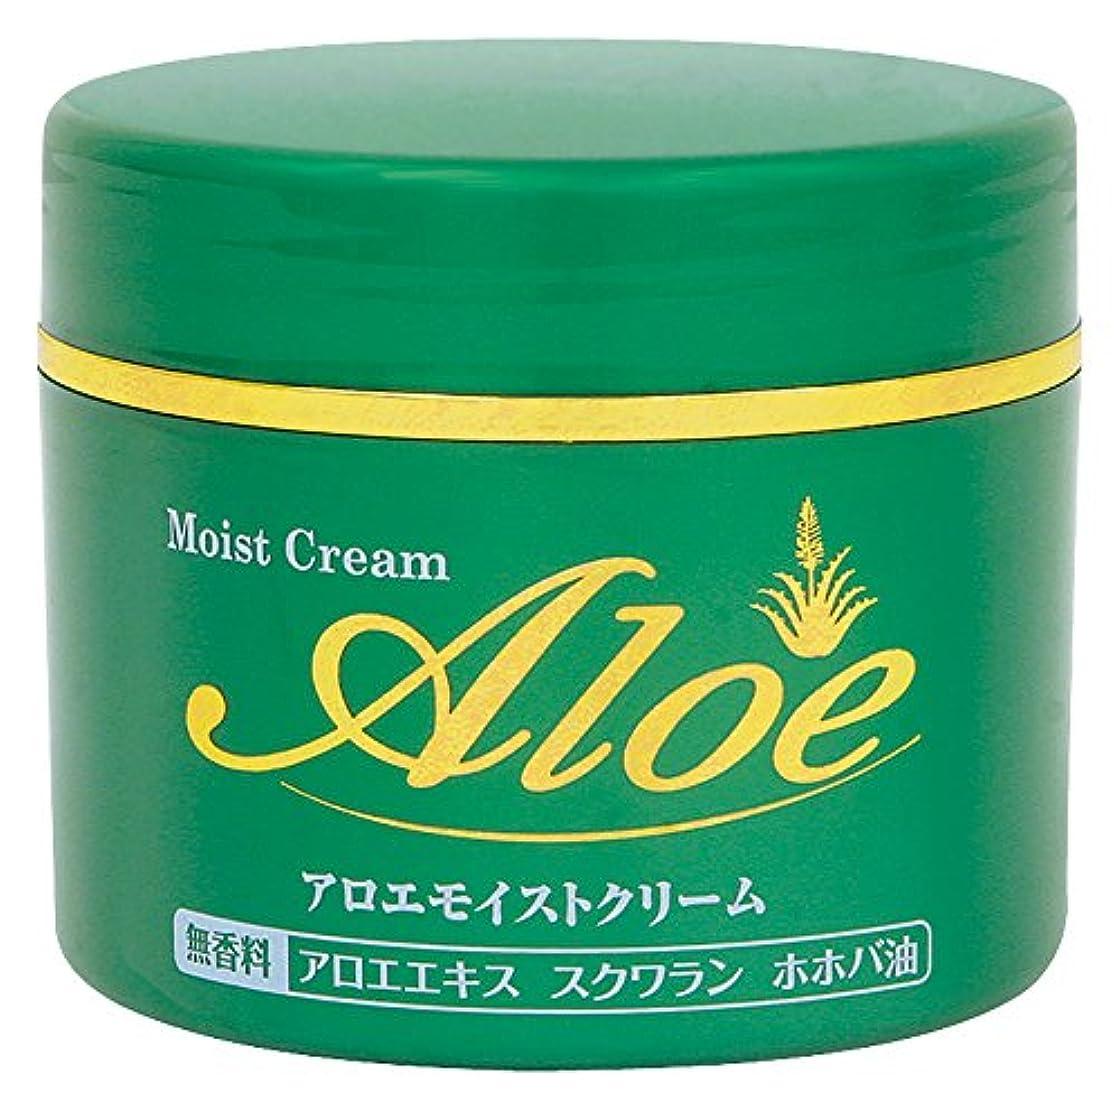 選ぶ被る契約した井藤漢方製薬 アロエモイストクリーム 160g (アロエクリーム 化粧品)